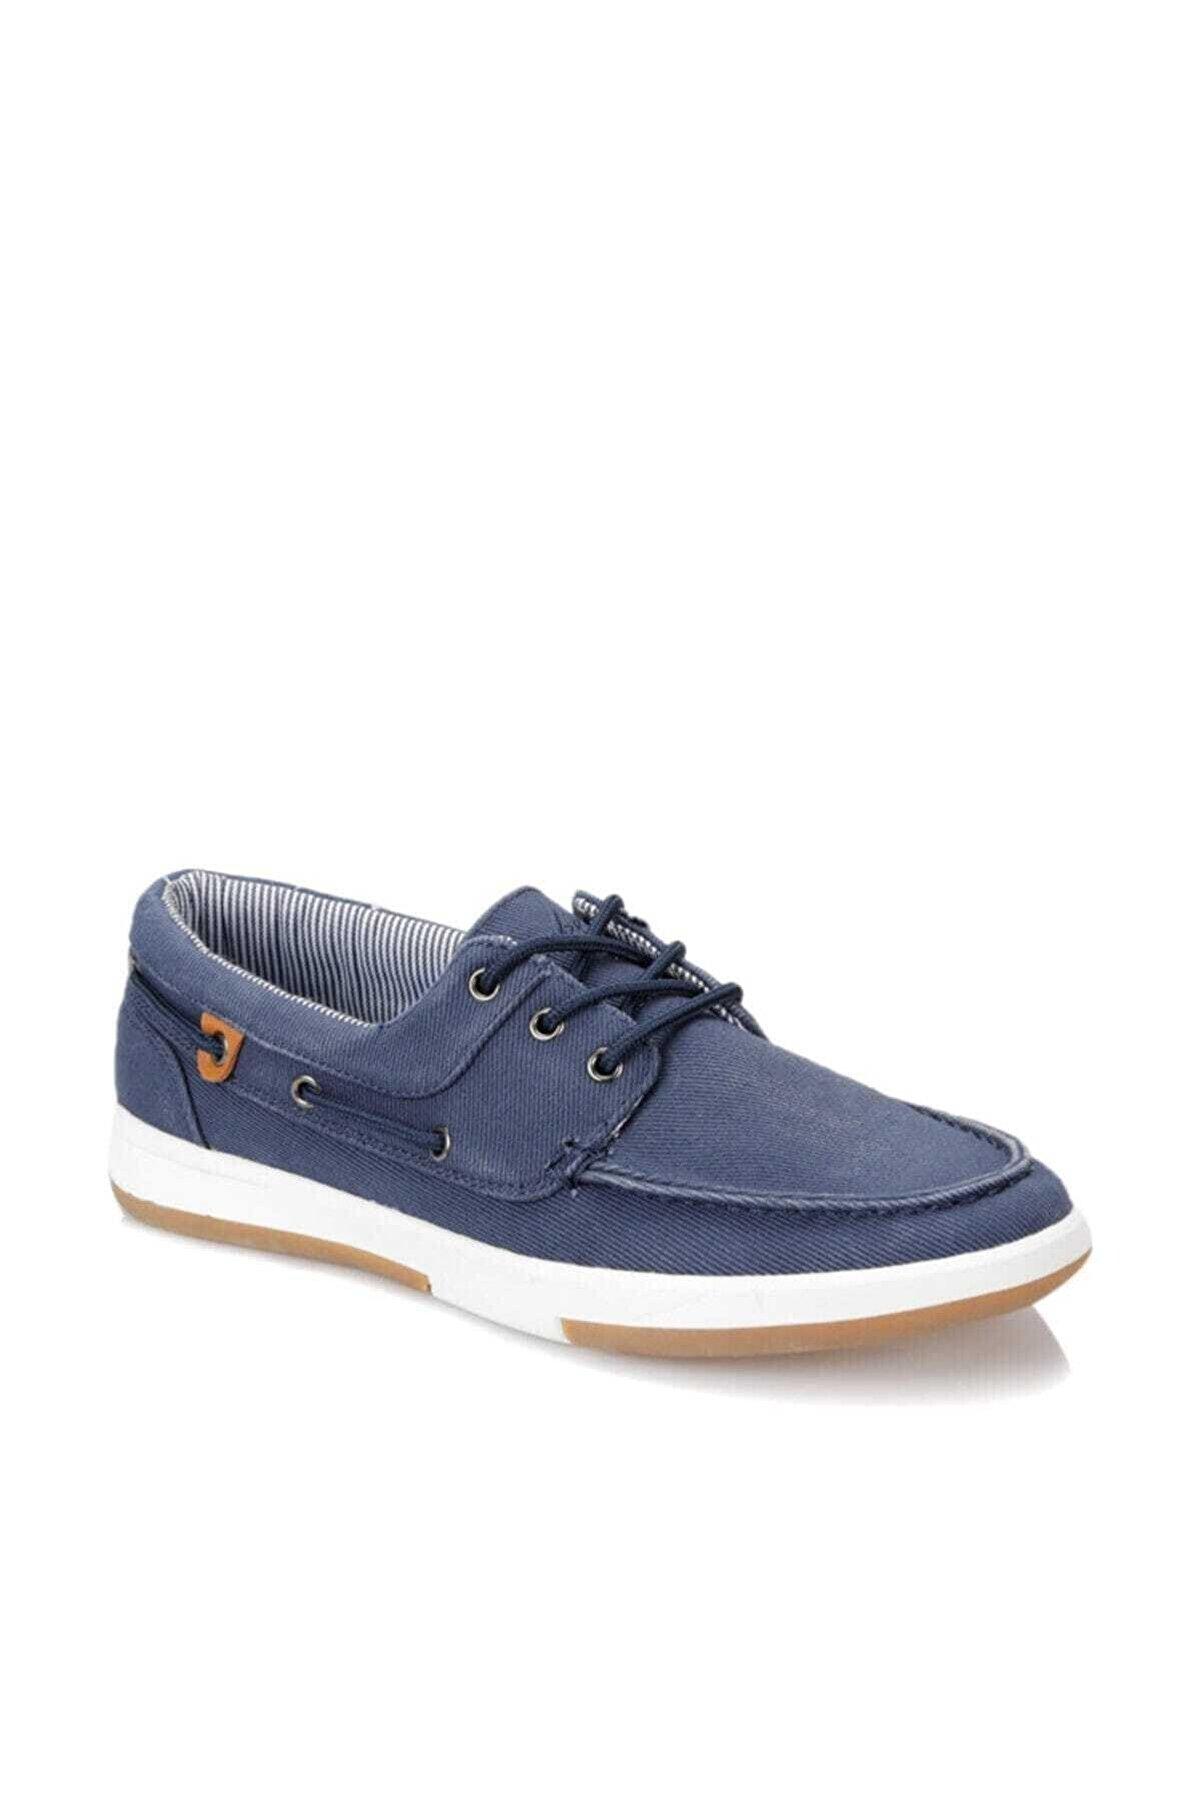 Dockers Dockers 226535 Erkek Ayakkabı